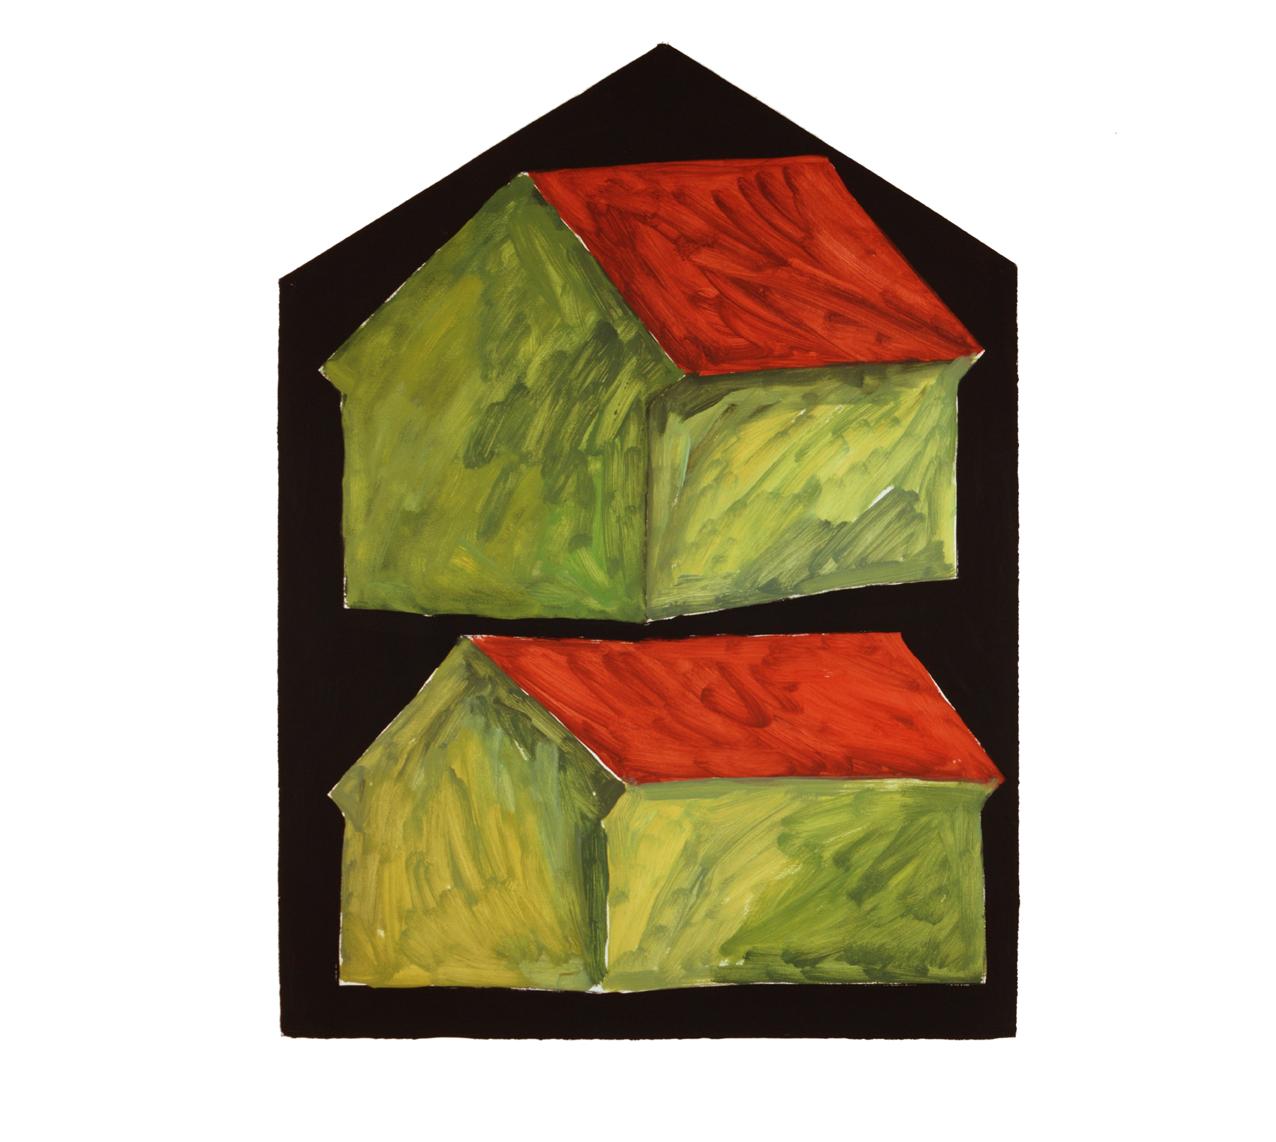 """""""Doppelhaus leuchtend grün"""" 1981, Öl auf Papier, 106 x 79cm -Sammlung Don & Nancy Eiler, Madison Wisconsin - Foto Hadler/Stuhr"""